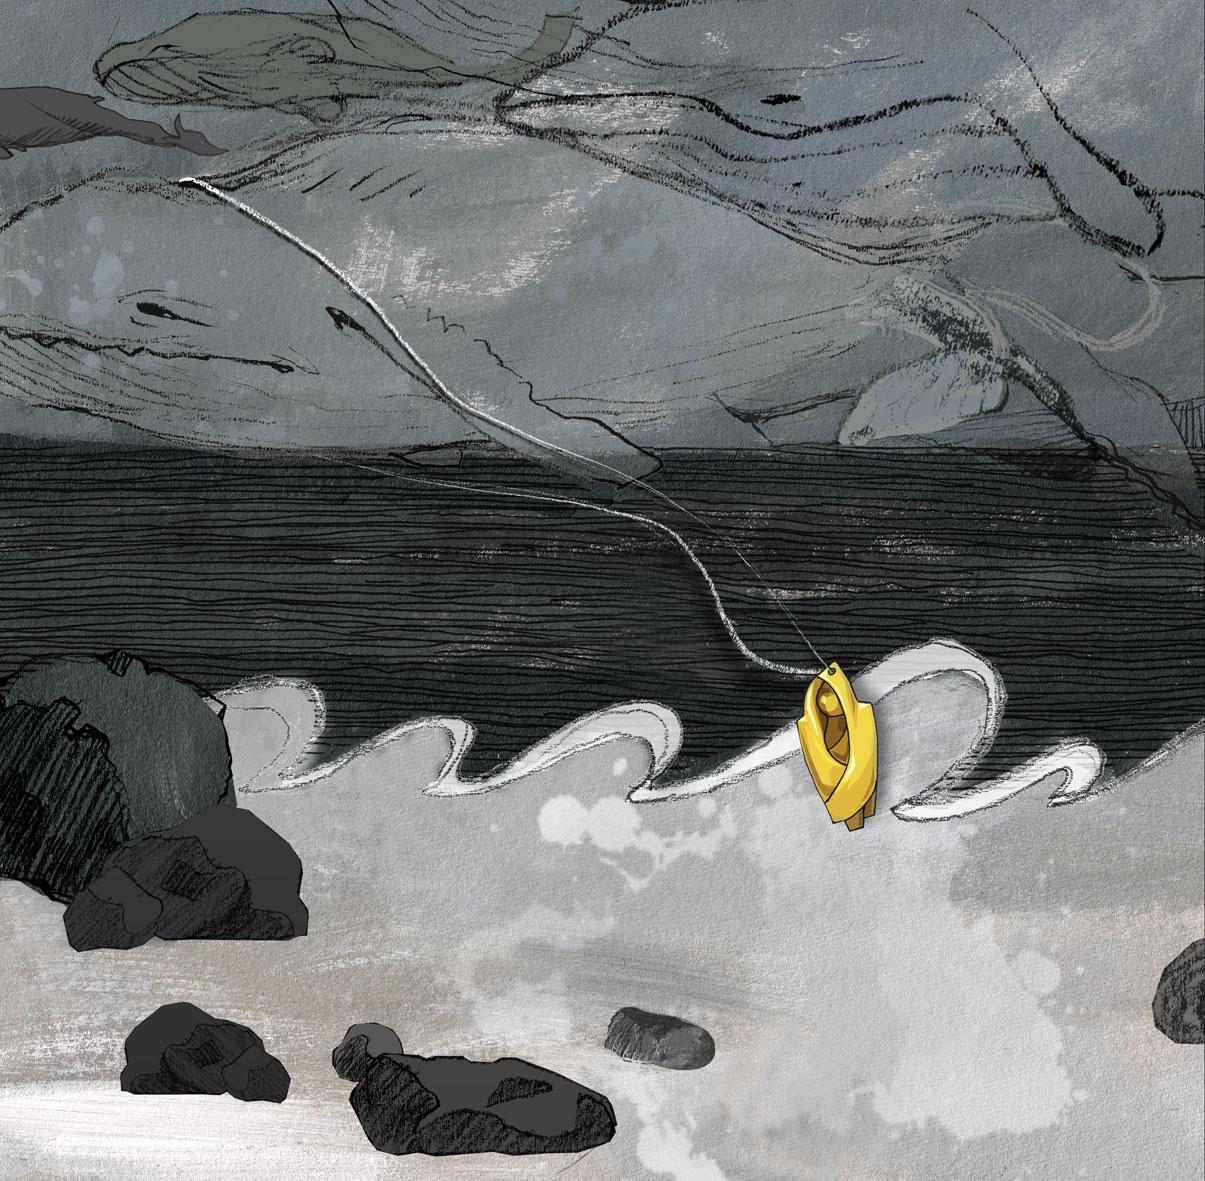 ilustracja Urbaniak kompozycje ilustracja na blogi strony internetowe do artykułów wierszy opowiadań  neil gaiman illustration